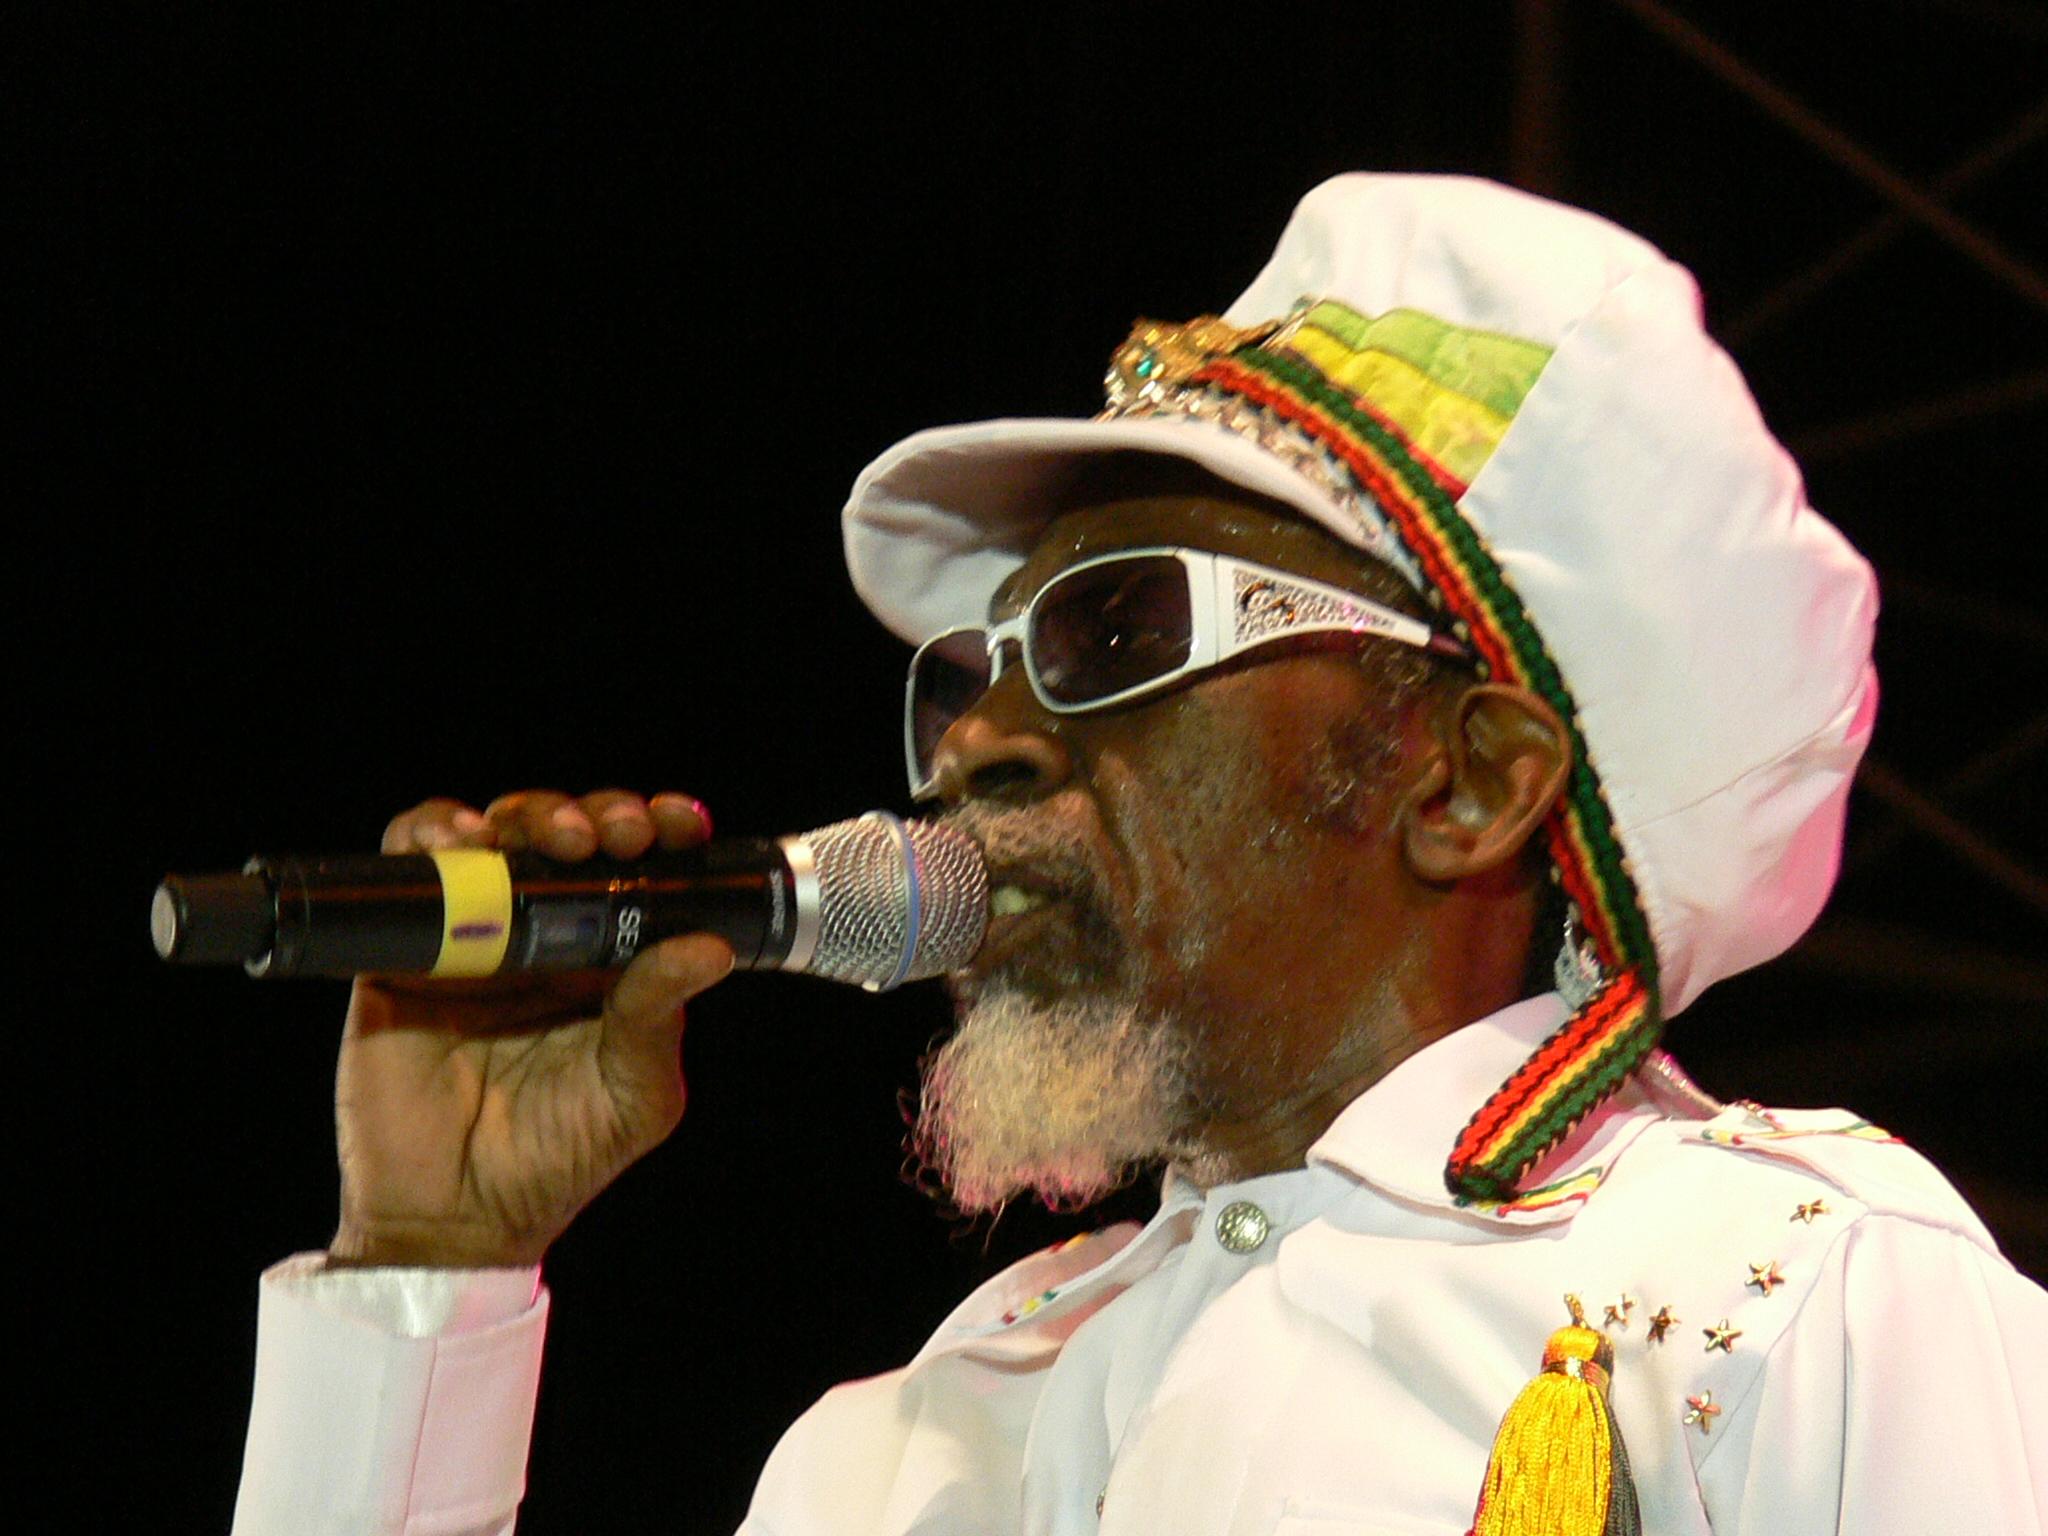 Prvým headlinerom Uprisingu 2015 je Bunny Wailer, posledný žijúci člen legendárnych The Wailers BOMBING